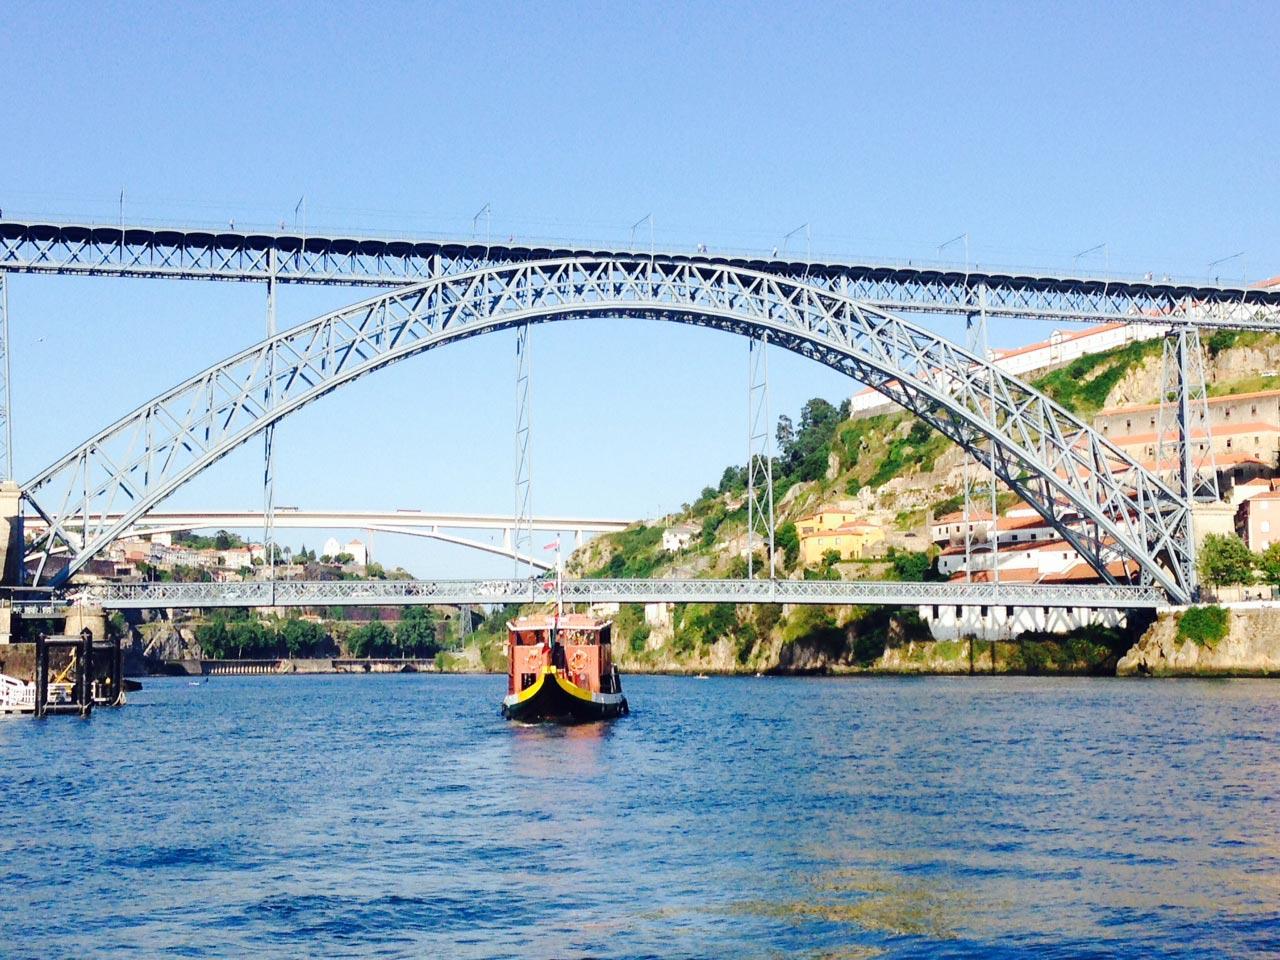 El puente Luis I. FOTO VALENCIANO